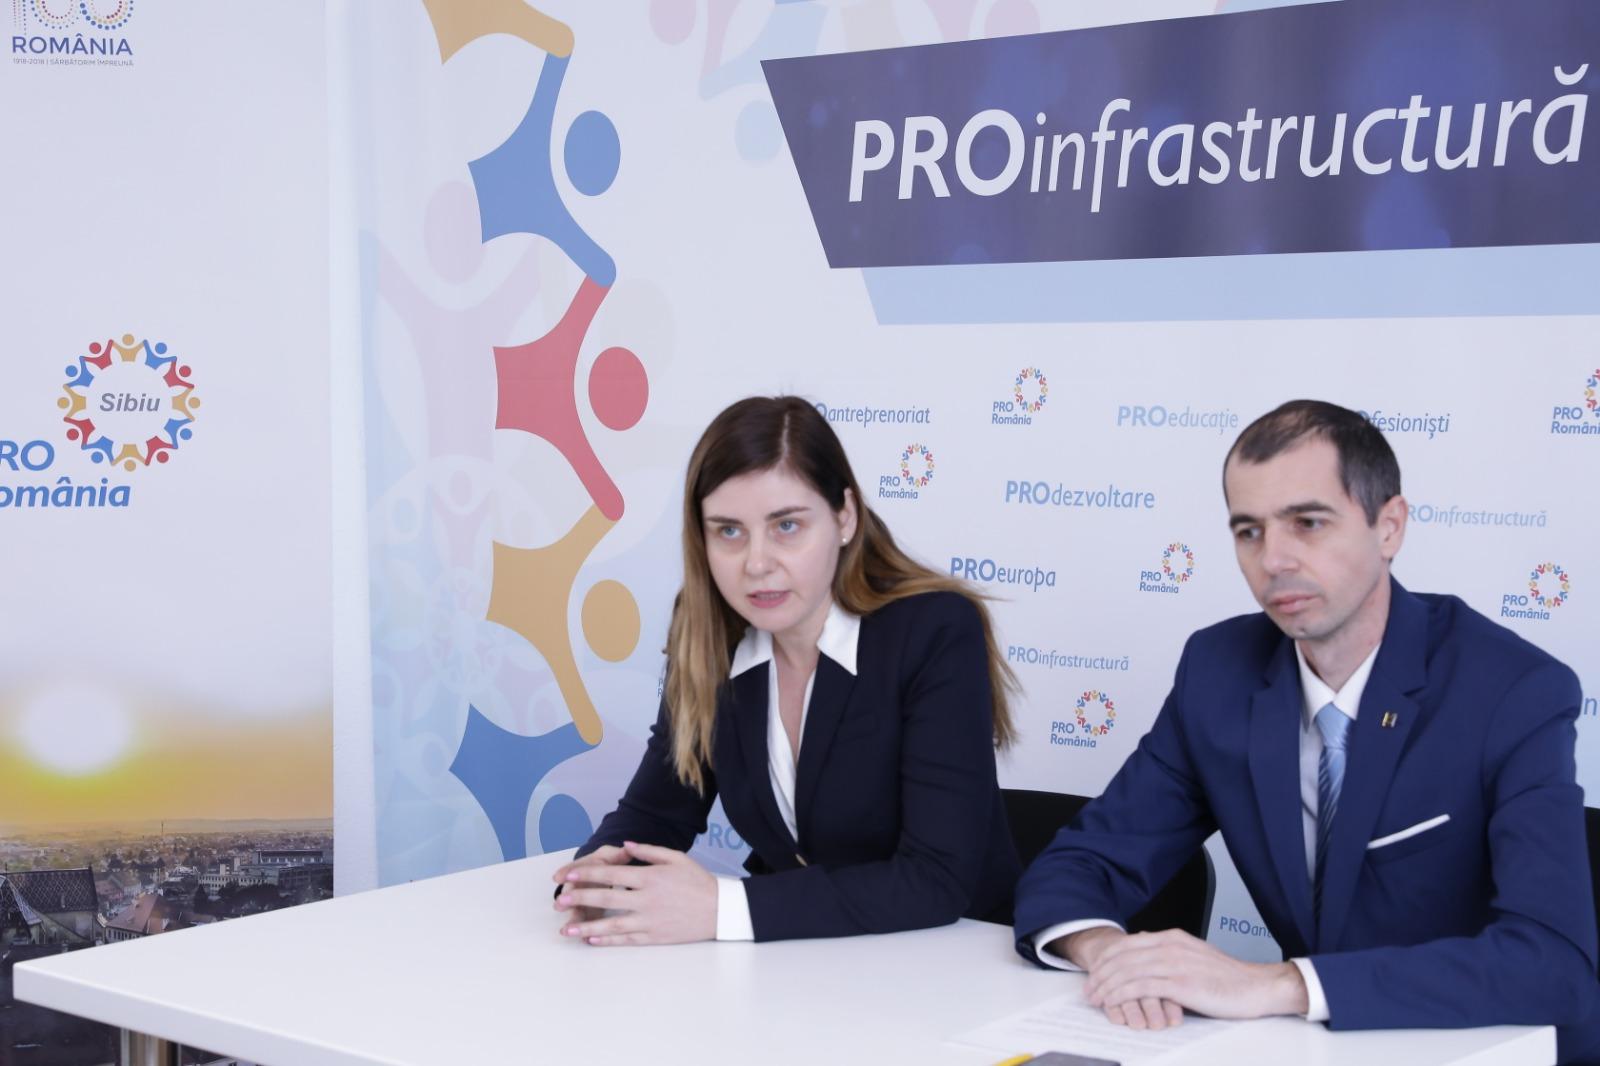 Ioana Petrescu: PRO România propune ca banii europeni din exercițiul bugetar următor să fie acordați direct primăriilor